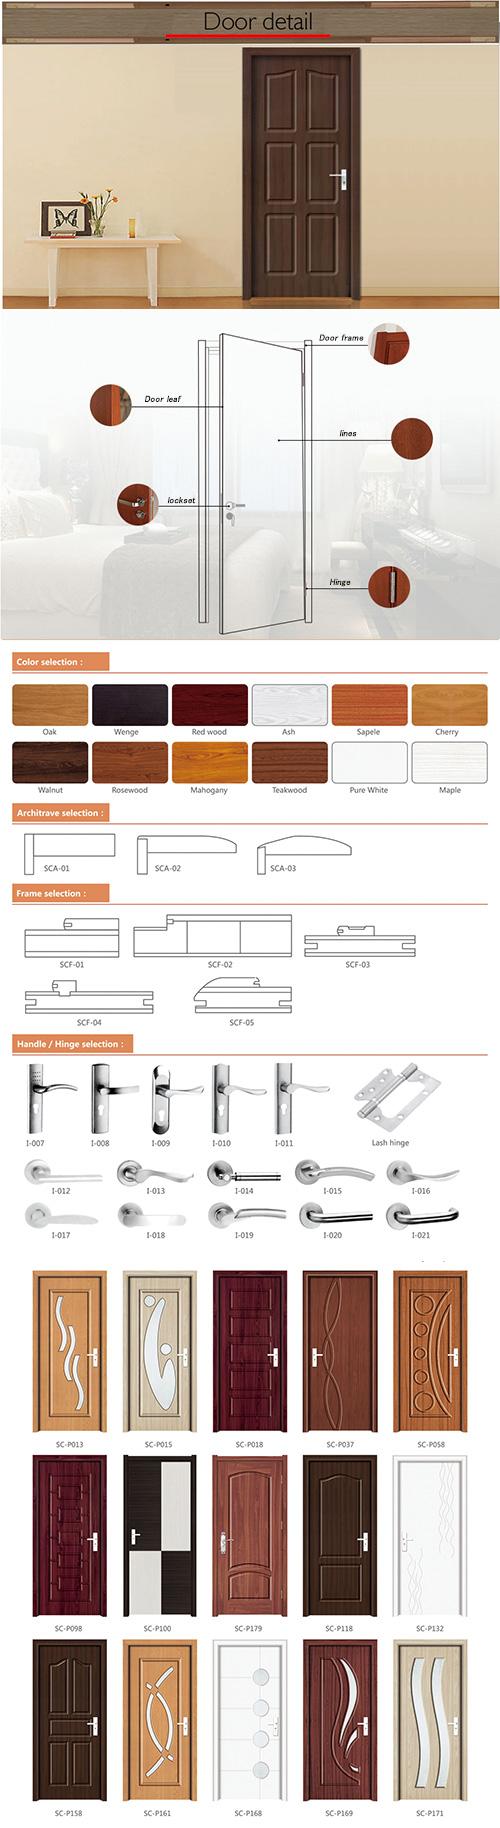 Models of Doors for Bathroom